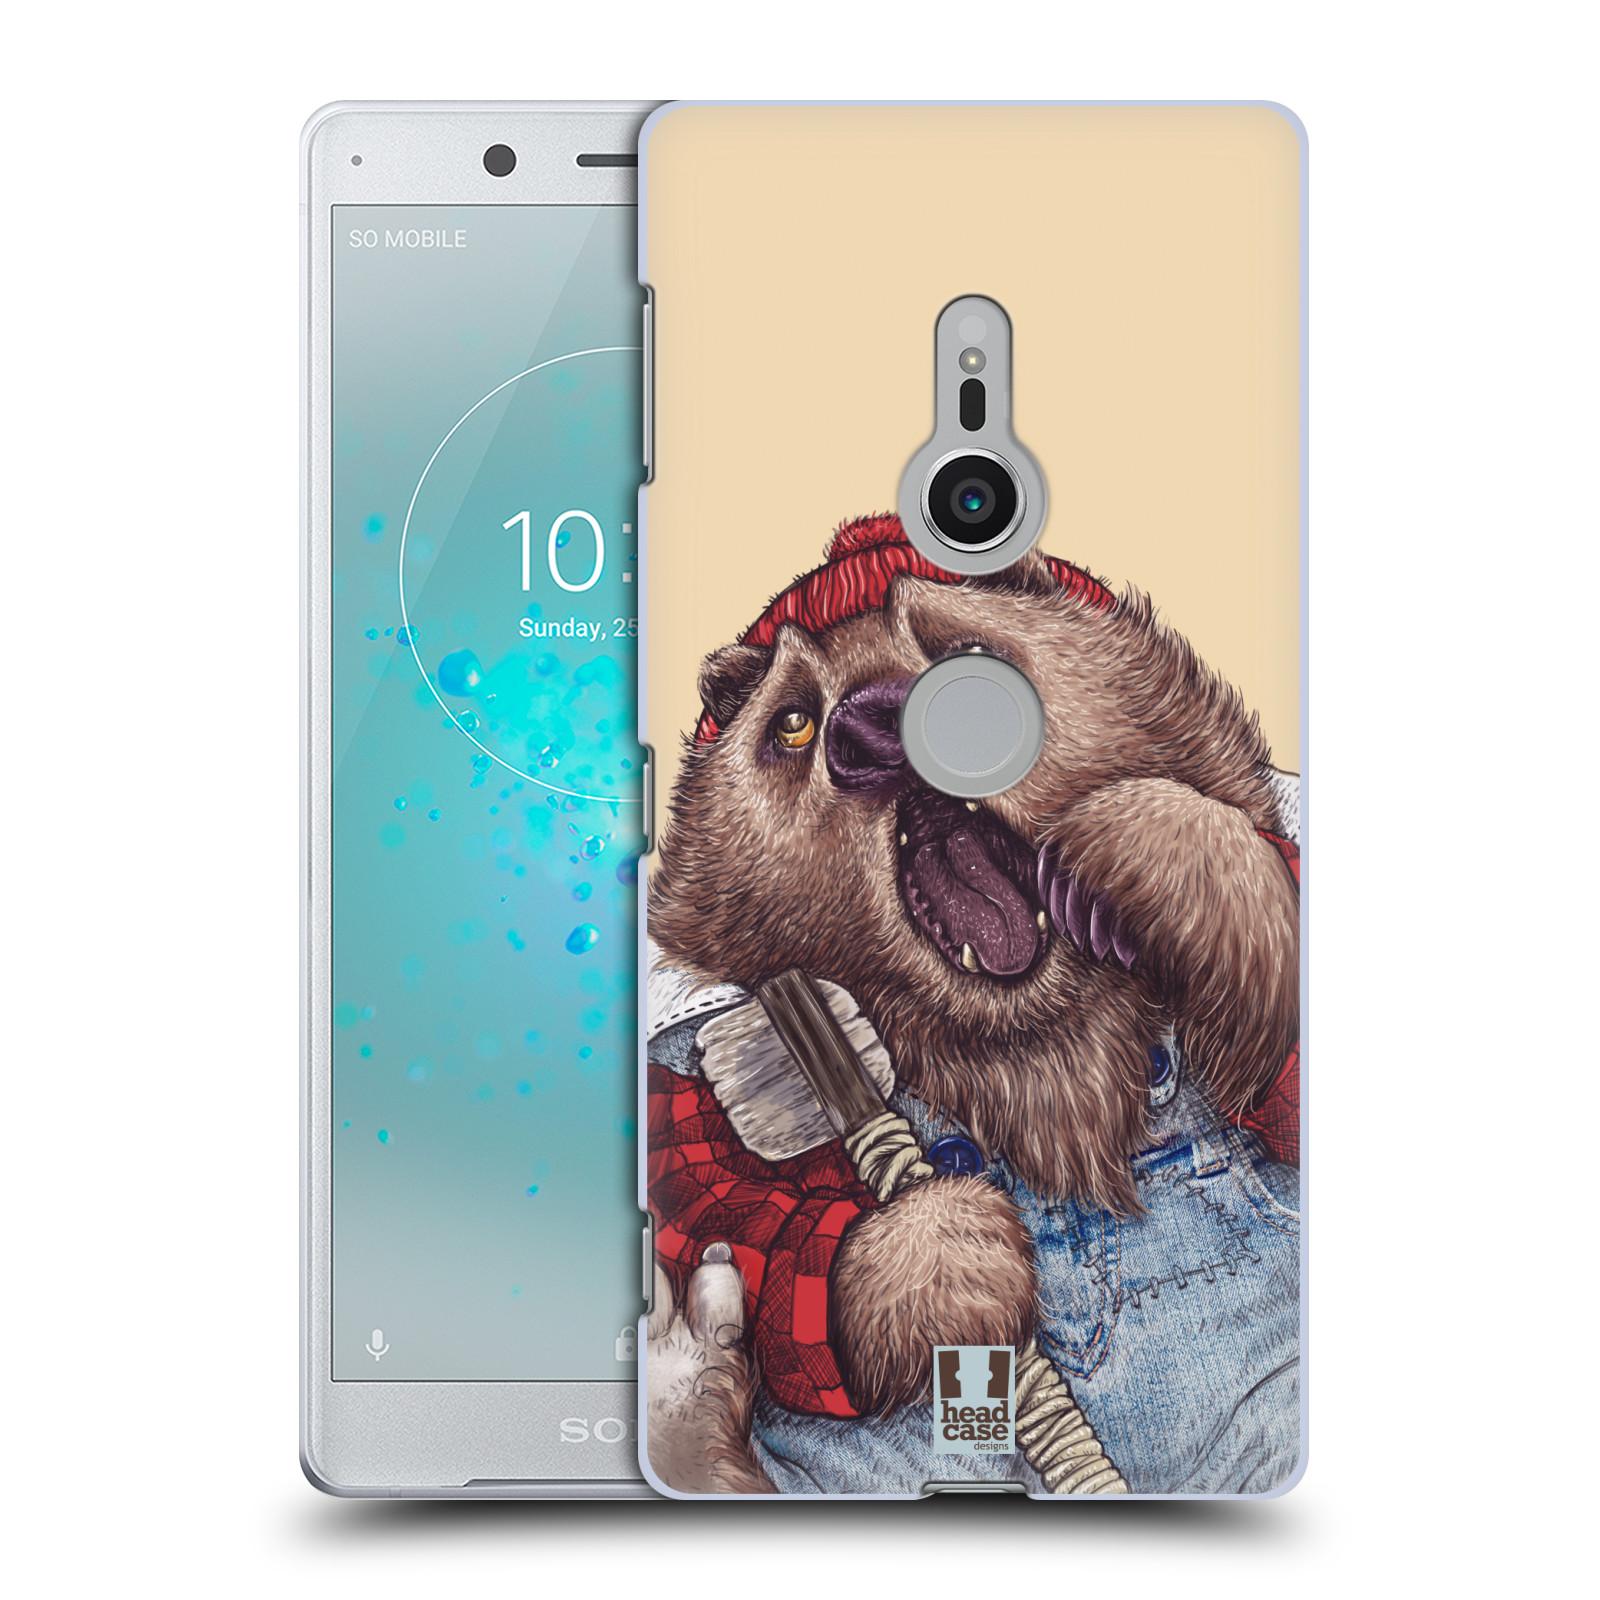 HEAD CASE plastový obal na mobil Sony Xperia XZ2 vzor Kreslená zvířátka medvěd